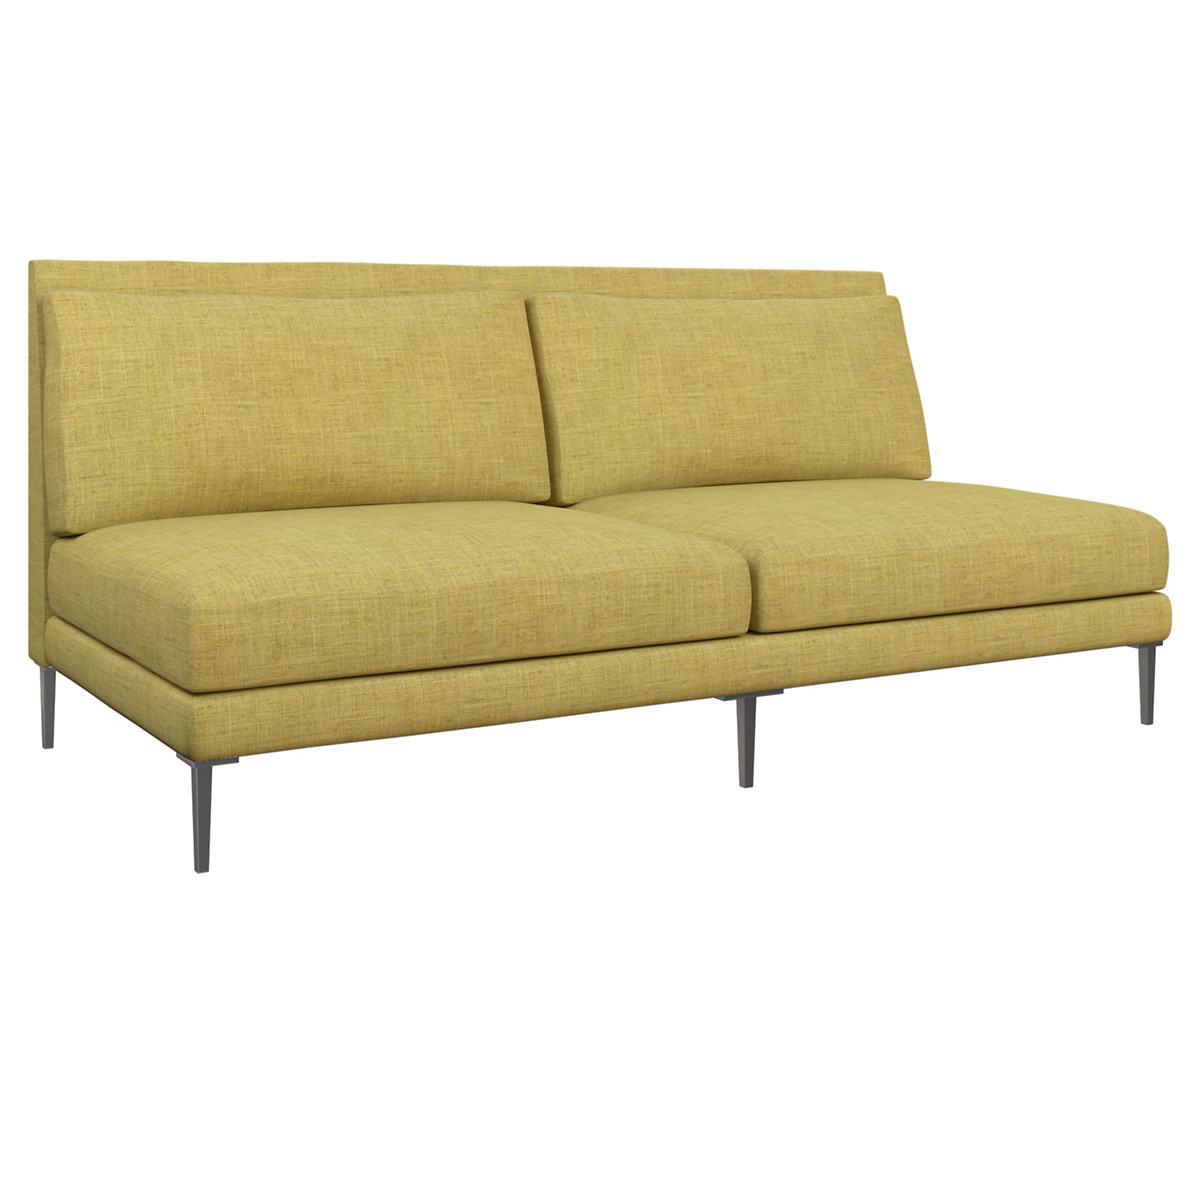 Canvasuede Citrus Portola Sofa